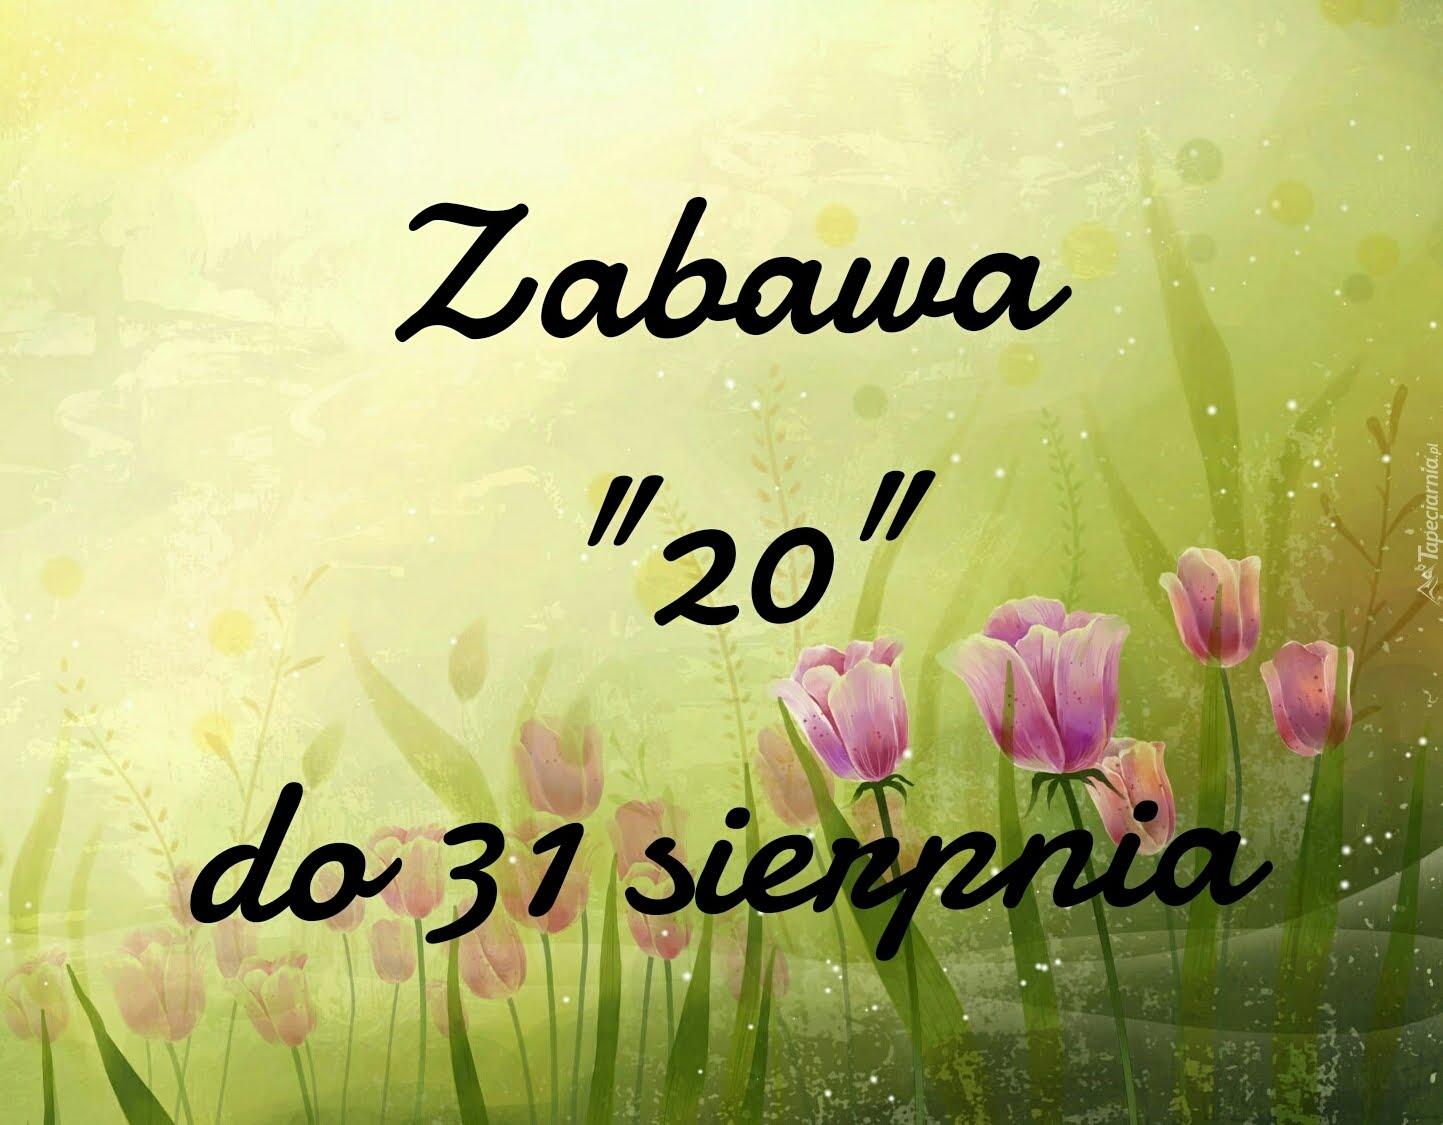 Zabawa 20